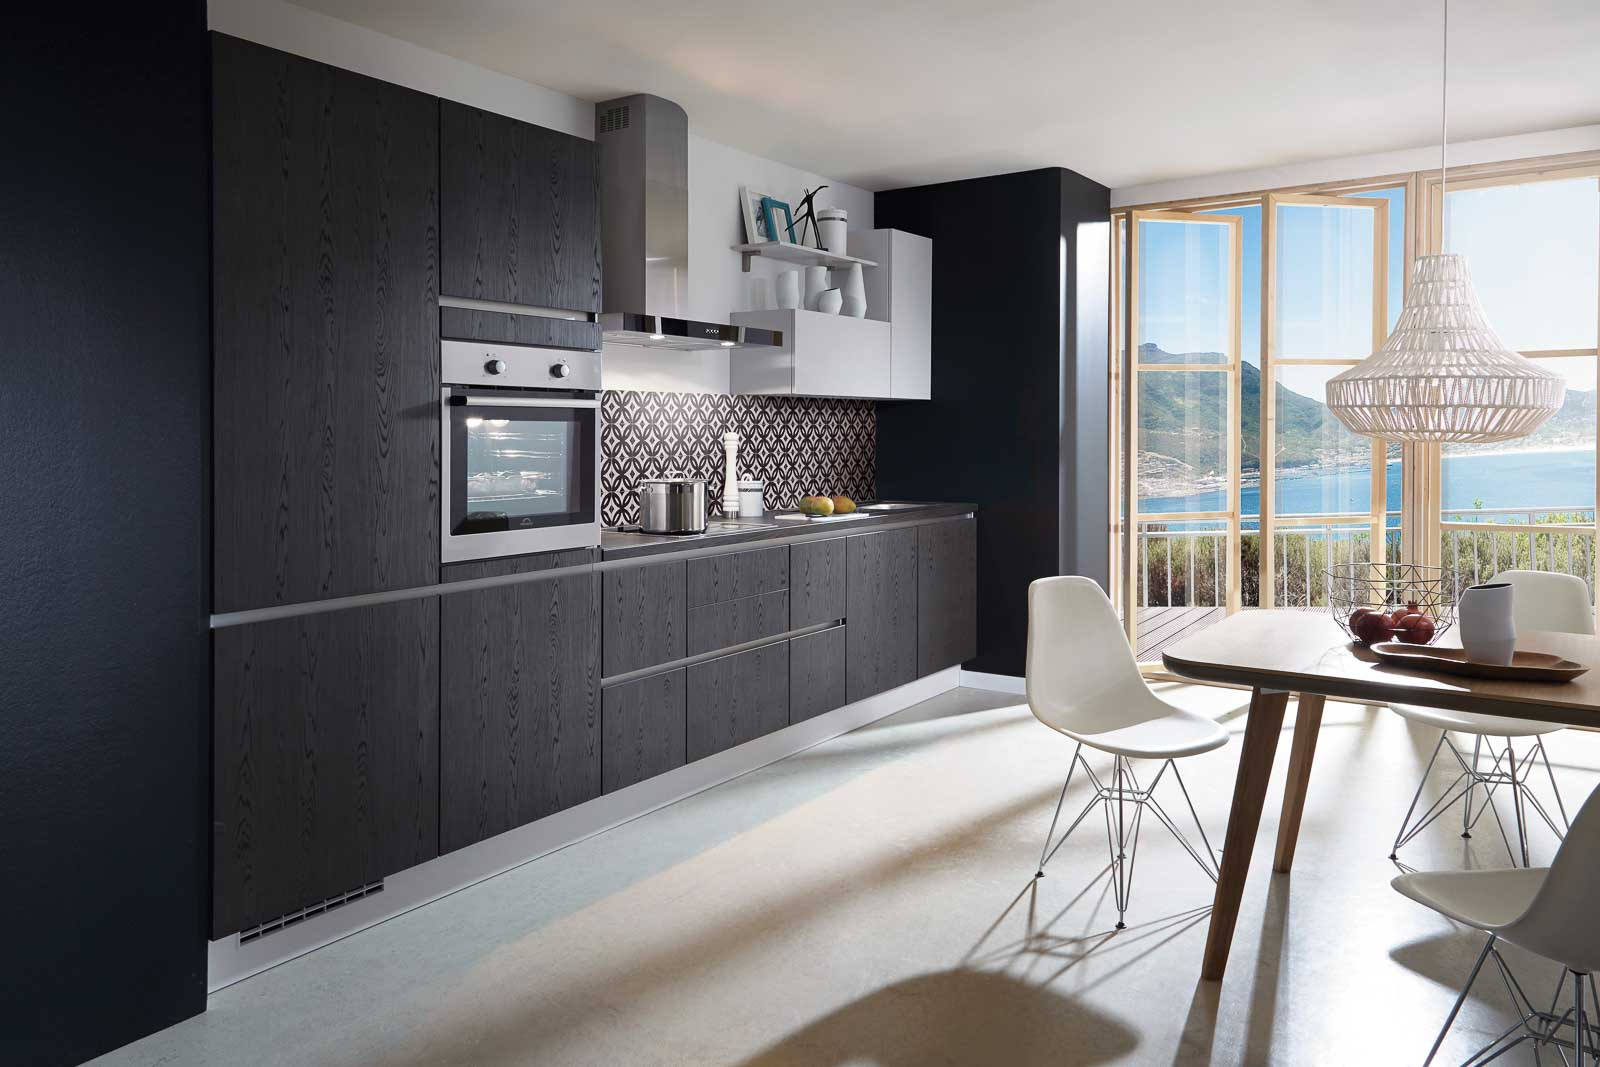 Nobilia Küchen - Modell Structura - 403